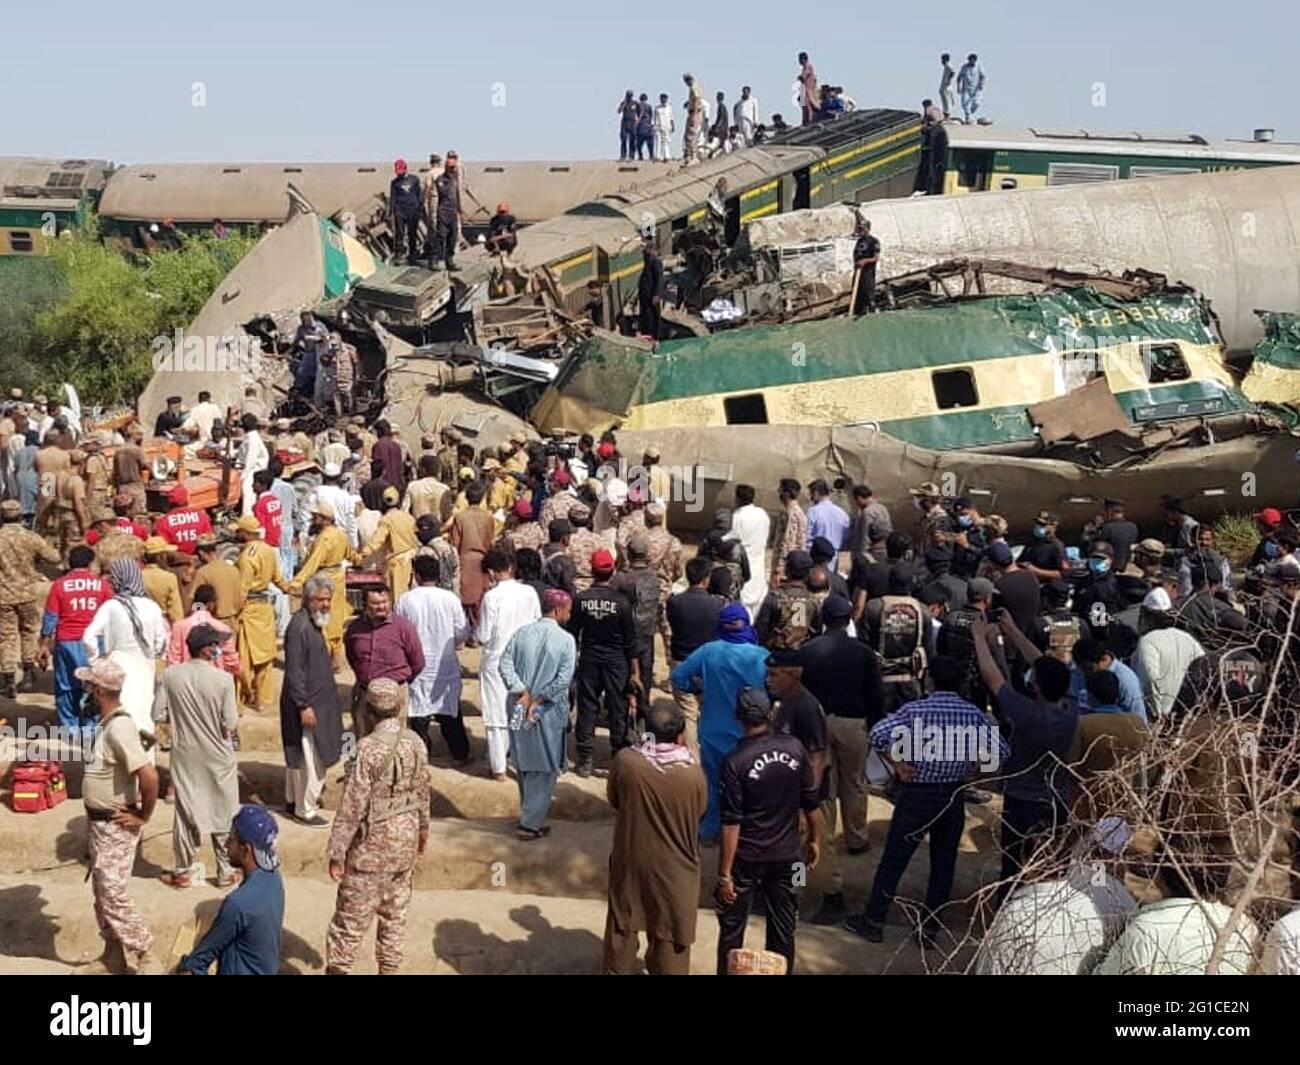 Ghotki. Juni 2021. Das Foto, das mit dem Mobiltelefon aufgenommen wurde, zeigt, wie sich Menschen am 7. Juni 2021 am Kollisionsort des Zuges im Bezirk Ghotki in der südlichen Provinz Sindh in Pakistan versammelten. Die Zahl der Todesopfer durch einen Frontalzusammenstoß zwischen zwei Personenzügen in der südlichen Provinz Sindh in Pakistan ist am Montagmorgen auf 36 gestiegen, wobei mehr als 50 weitere verletzt wurden, sagten lokale Medien und Beamte. Quelle: Str/Xinhua/Alamy Live News Stockfoto